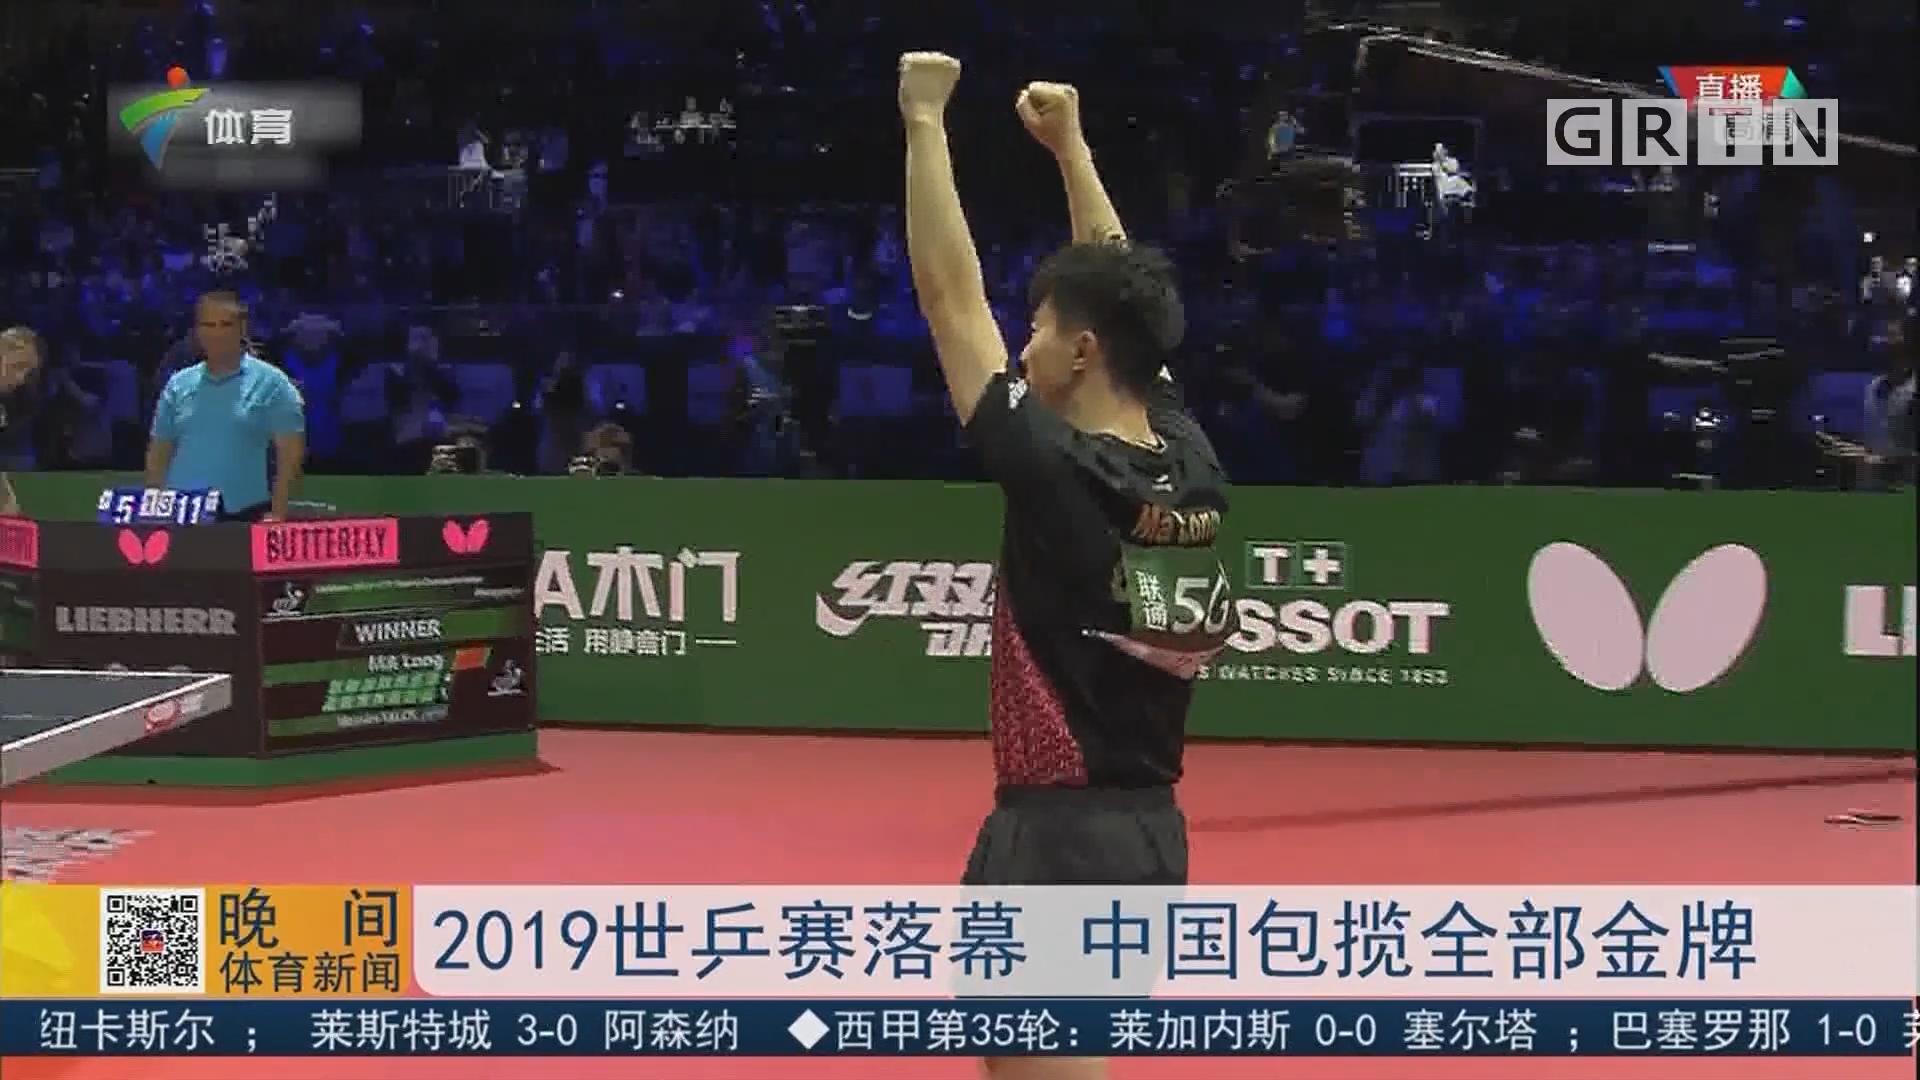 2019世乒赛落幕 中国包揽全部金牌